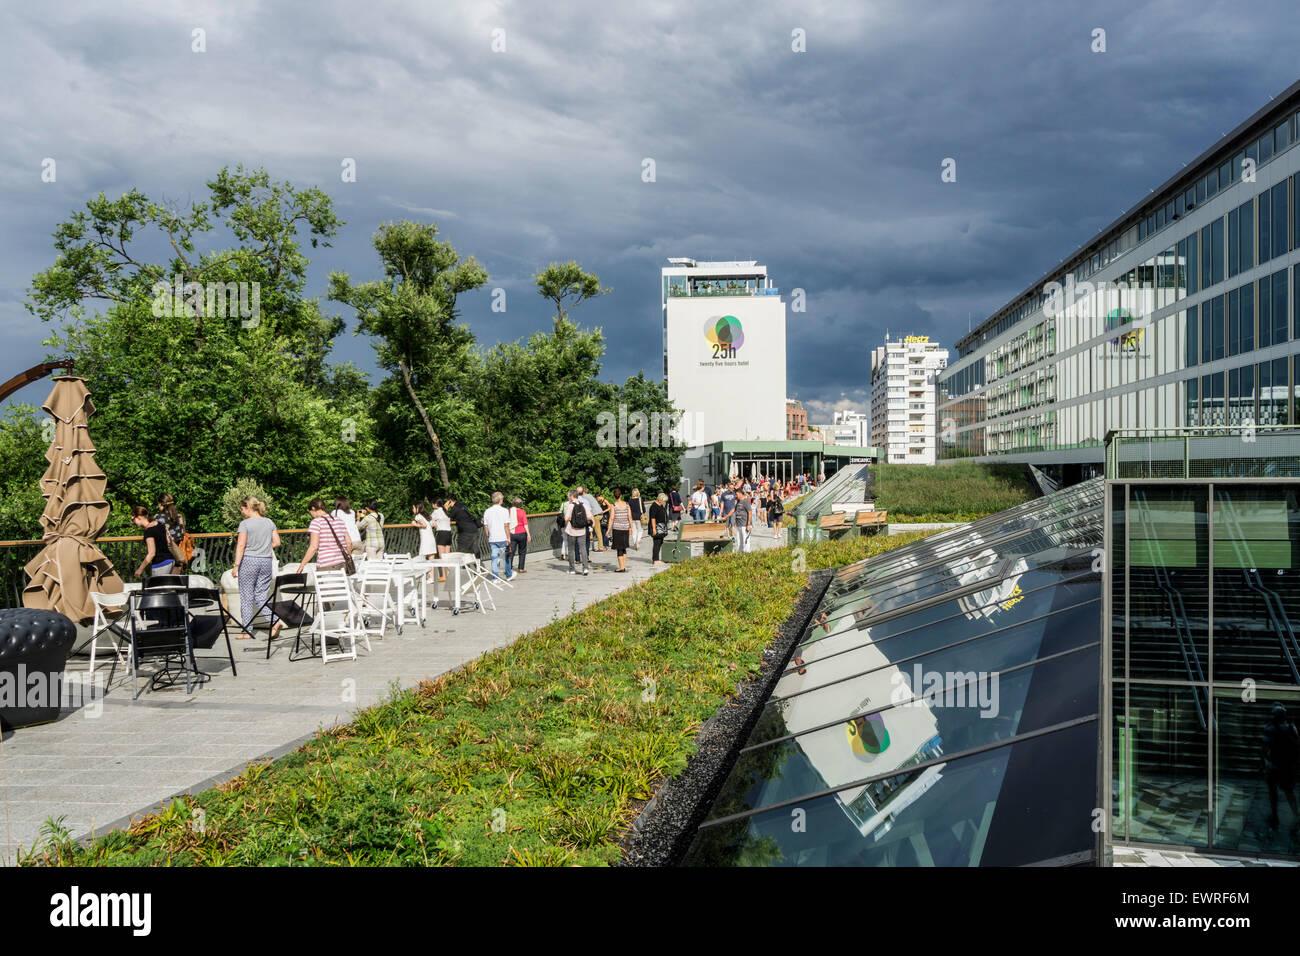 Bikini Shopping Center 25h Hotel Berlin Stockfoto Bild 84724716